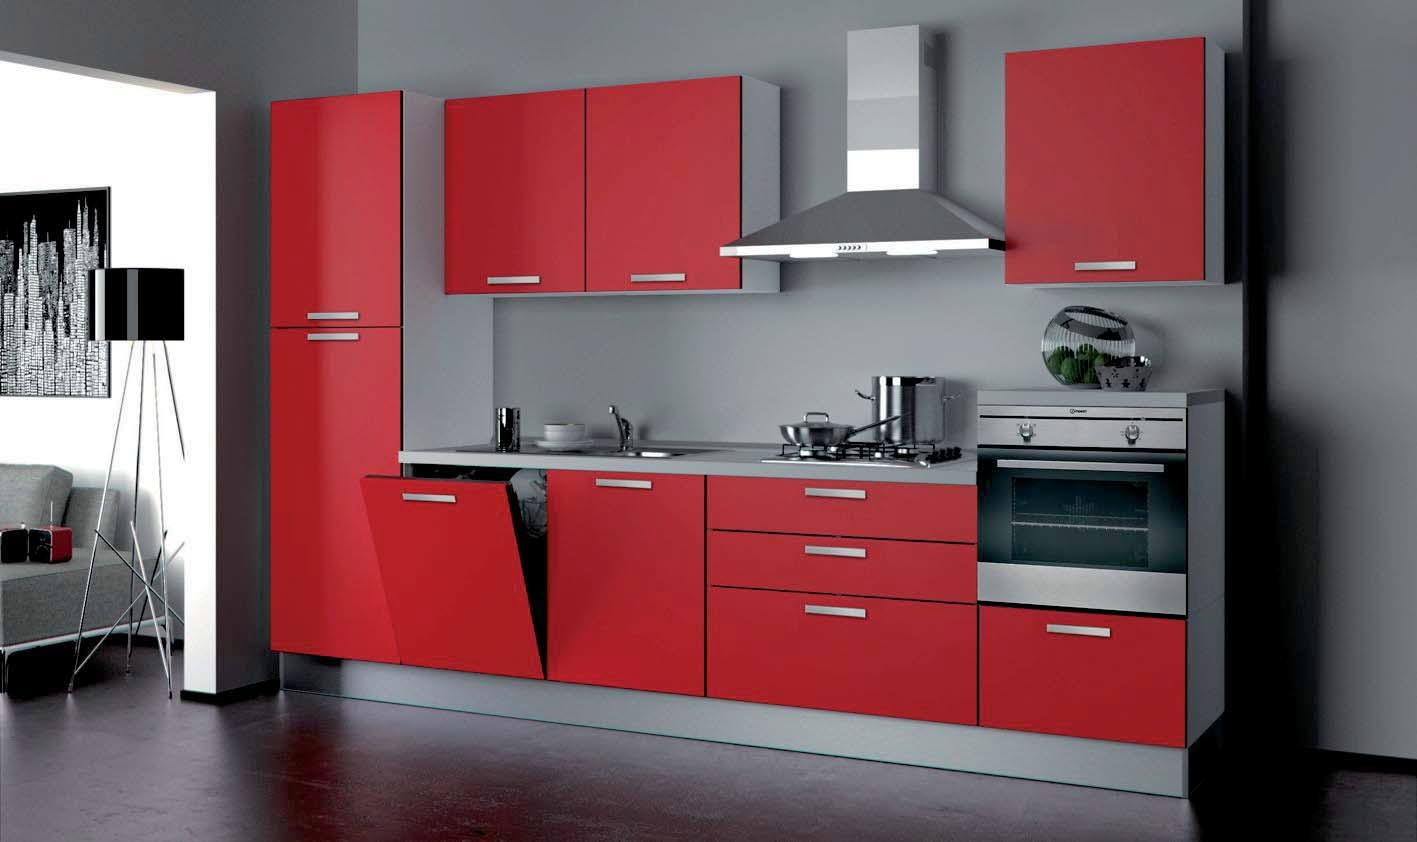 Cucina componibile modello nita moderna laccato lucido rossa cucine a prezzi scontati - Cucina bianca e rossa ...